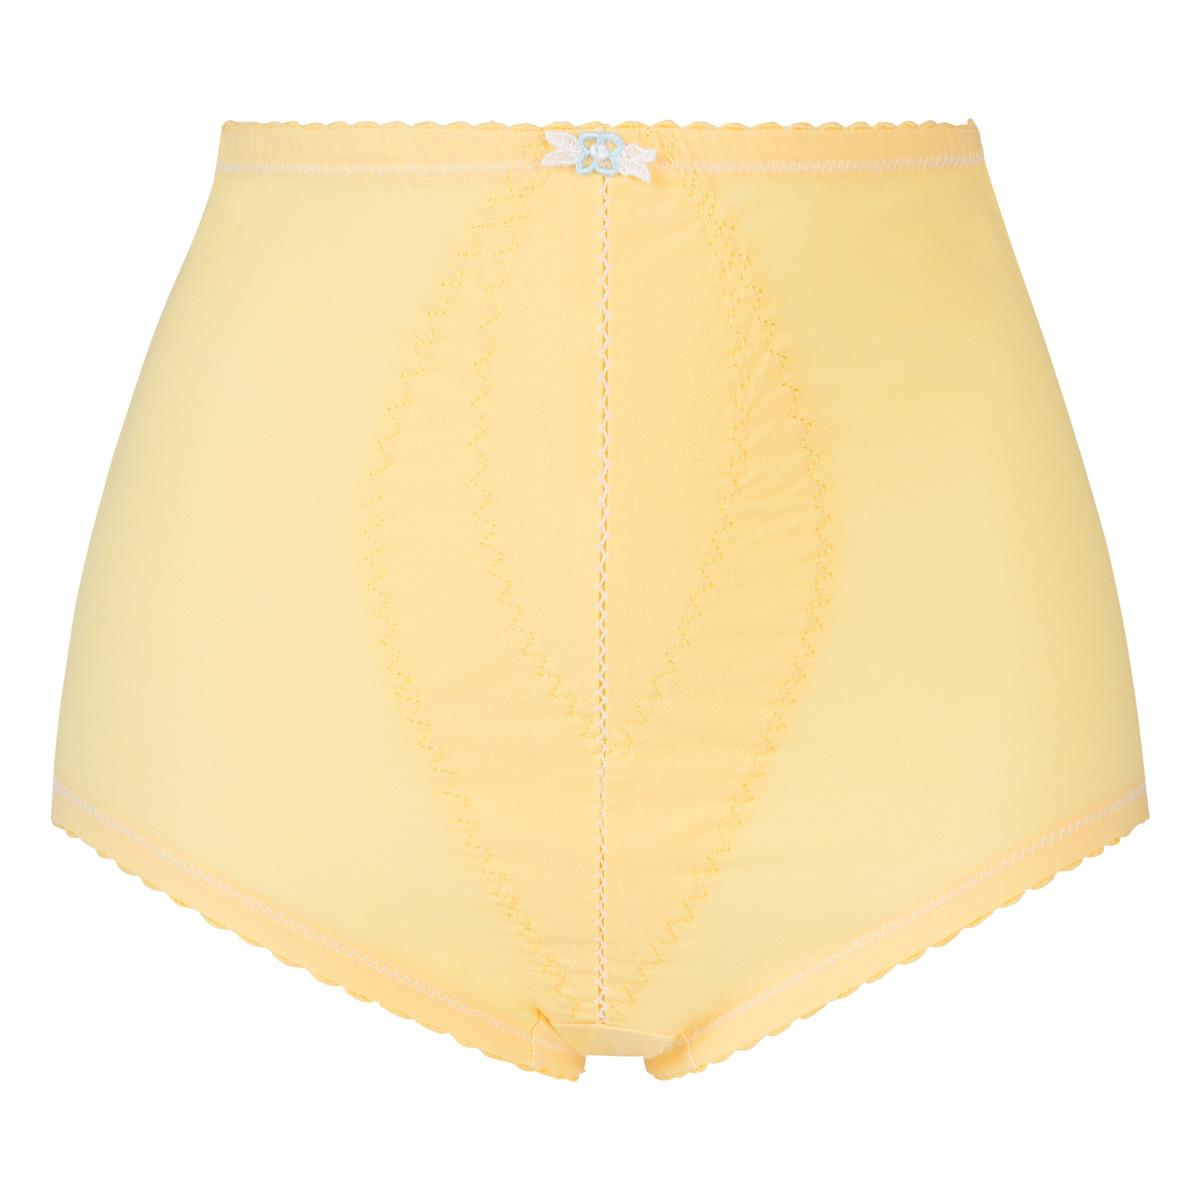 Gaine ventre plat jaune soleil Incroyable c'est une Gaine, , PLAYTEX